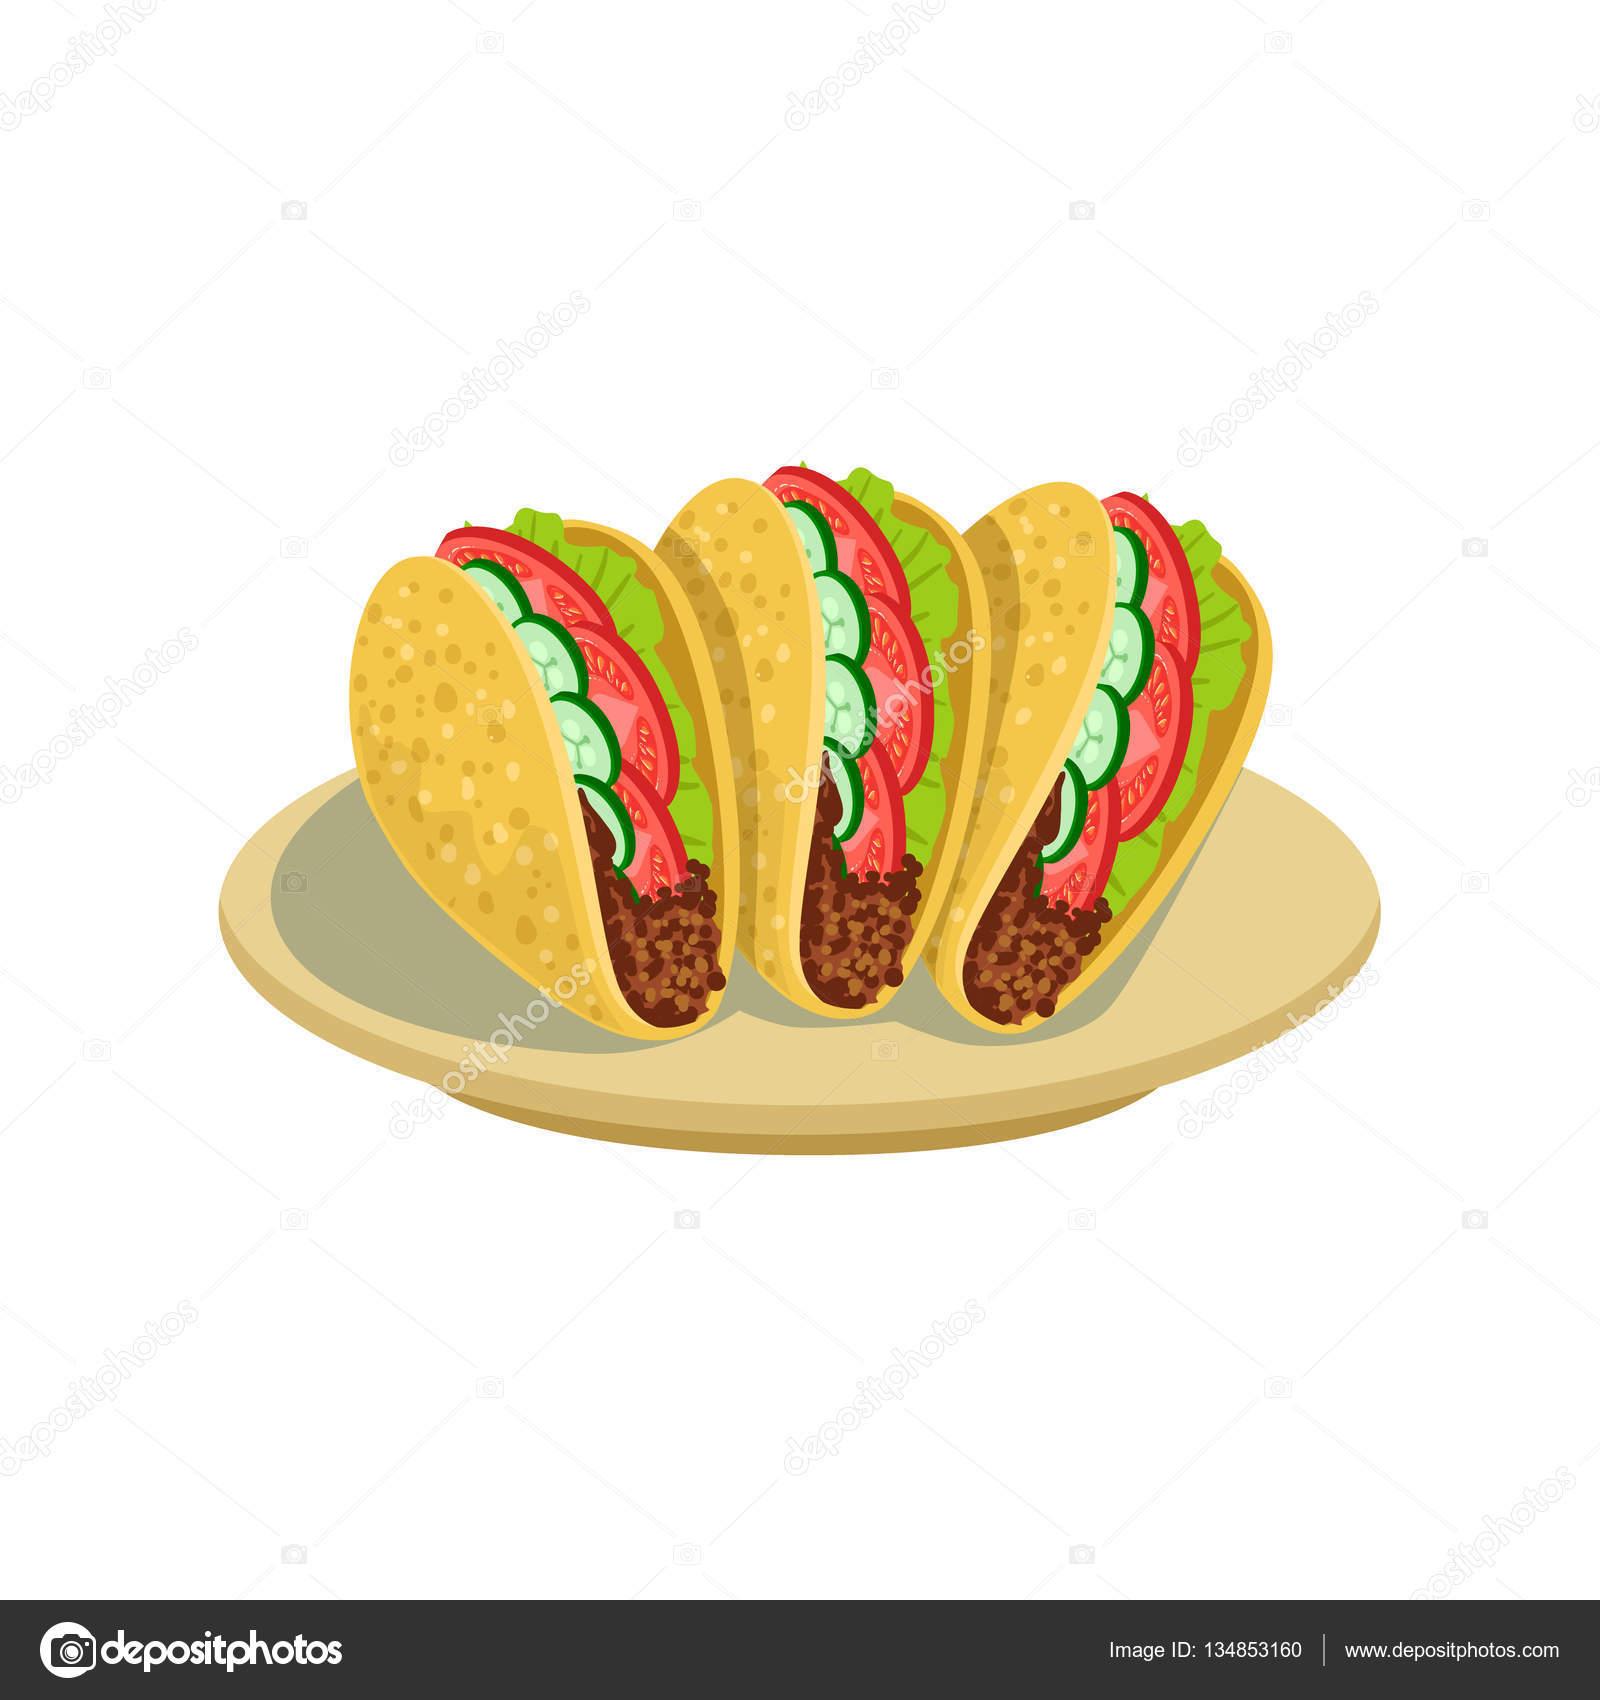 Tacos cocina mexicana tradicional alimento de plato de Cafe men Vector ilustracin  Archivo Imgenes Vectoriales  TopVectors 134853160